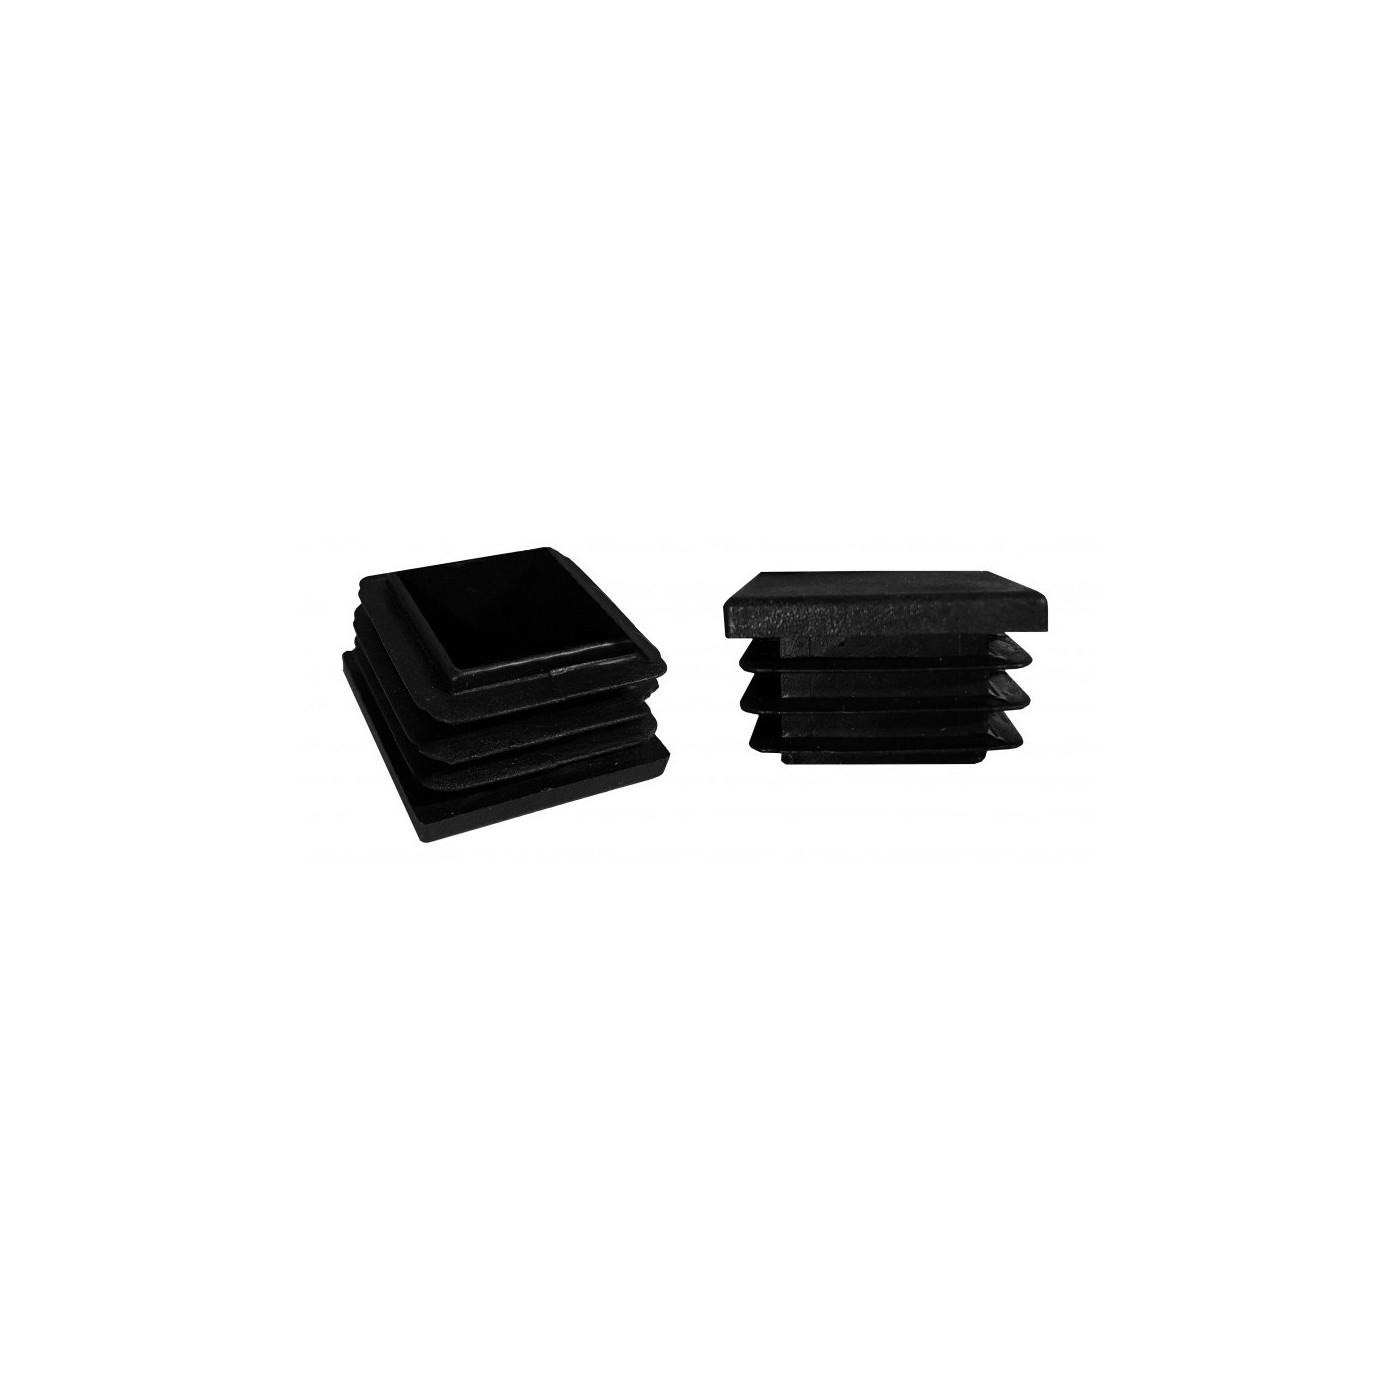 Set of 50 tube caps (F5/E9/D10, black)